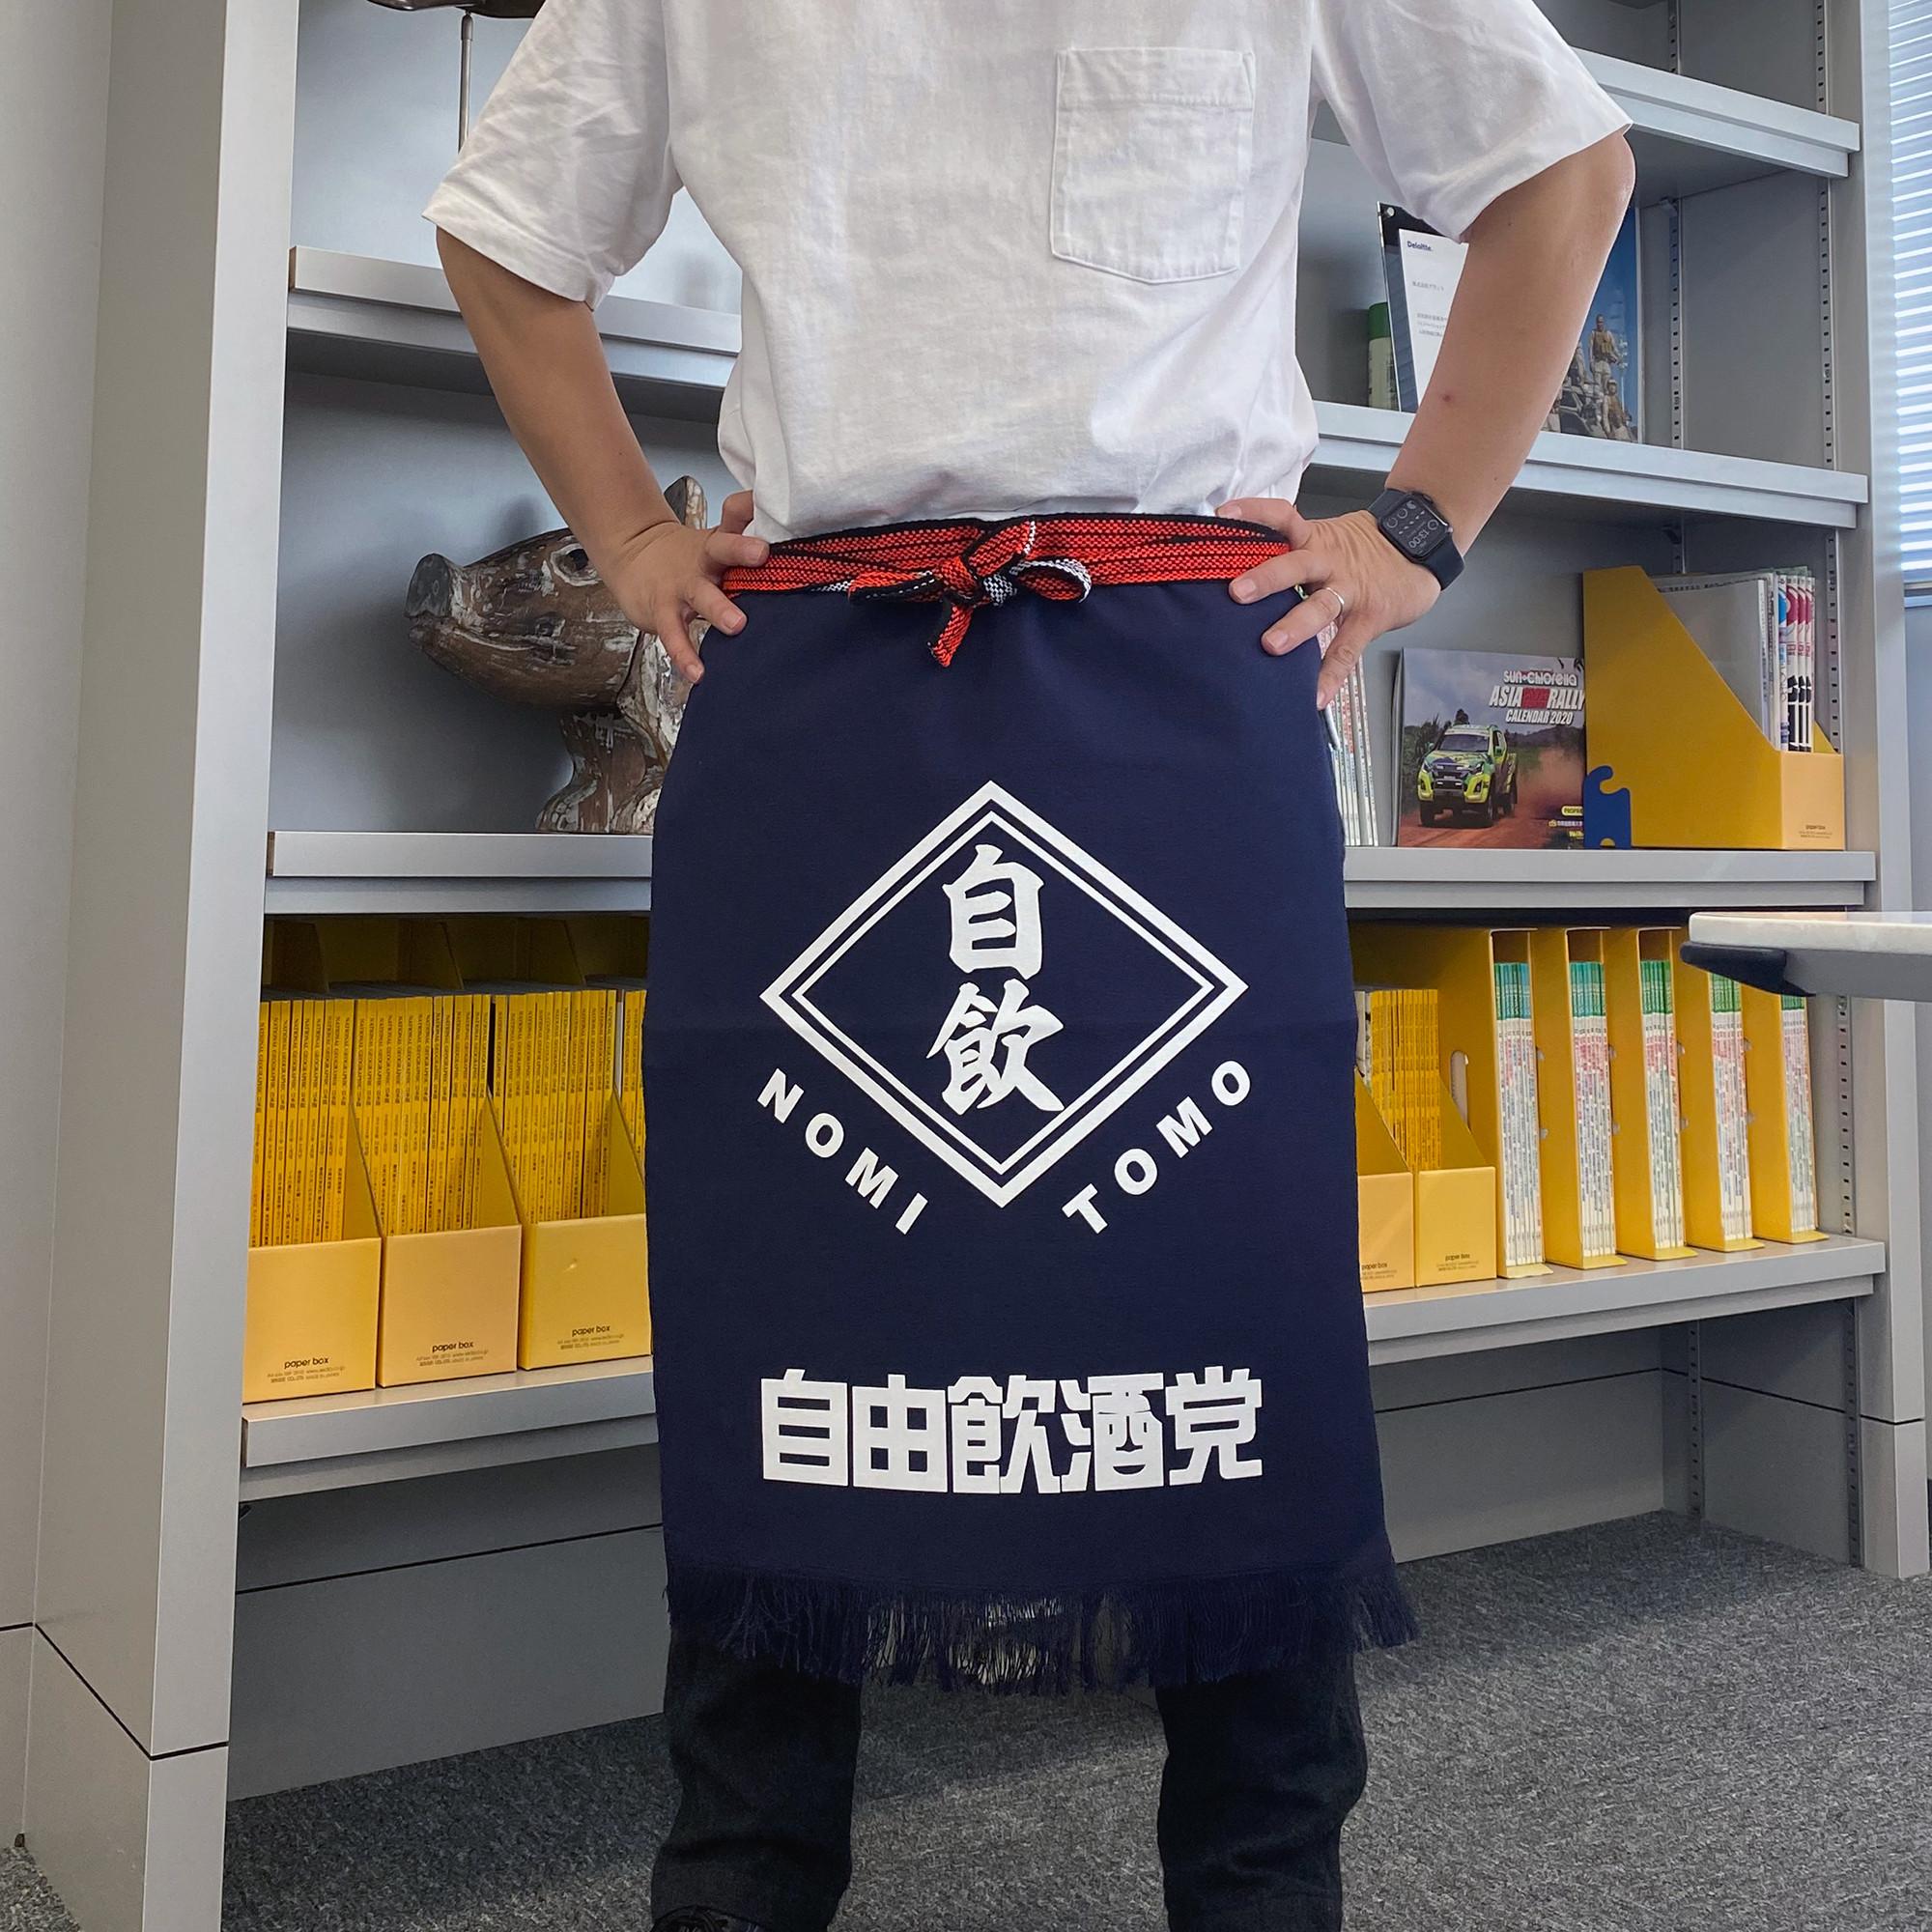 【自由飲酒党 酒屋の前掛け】